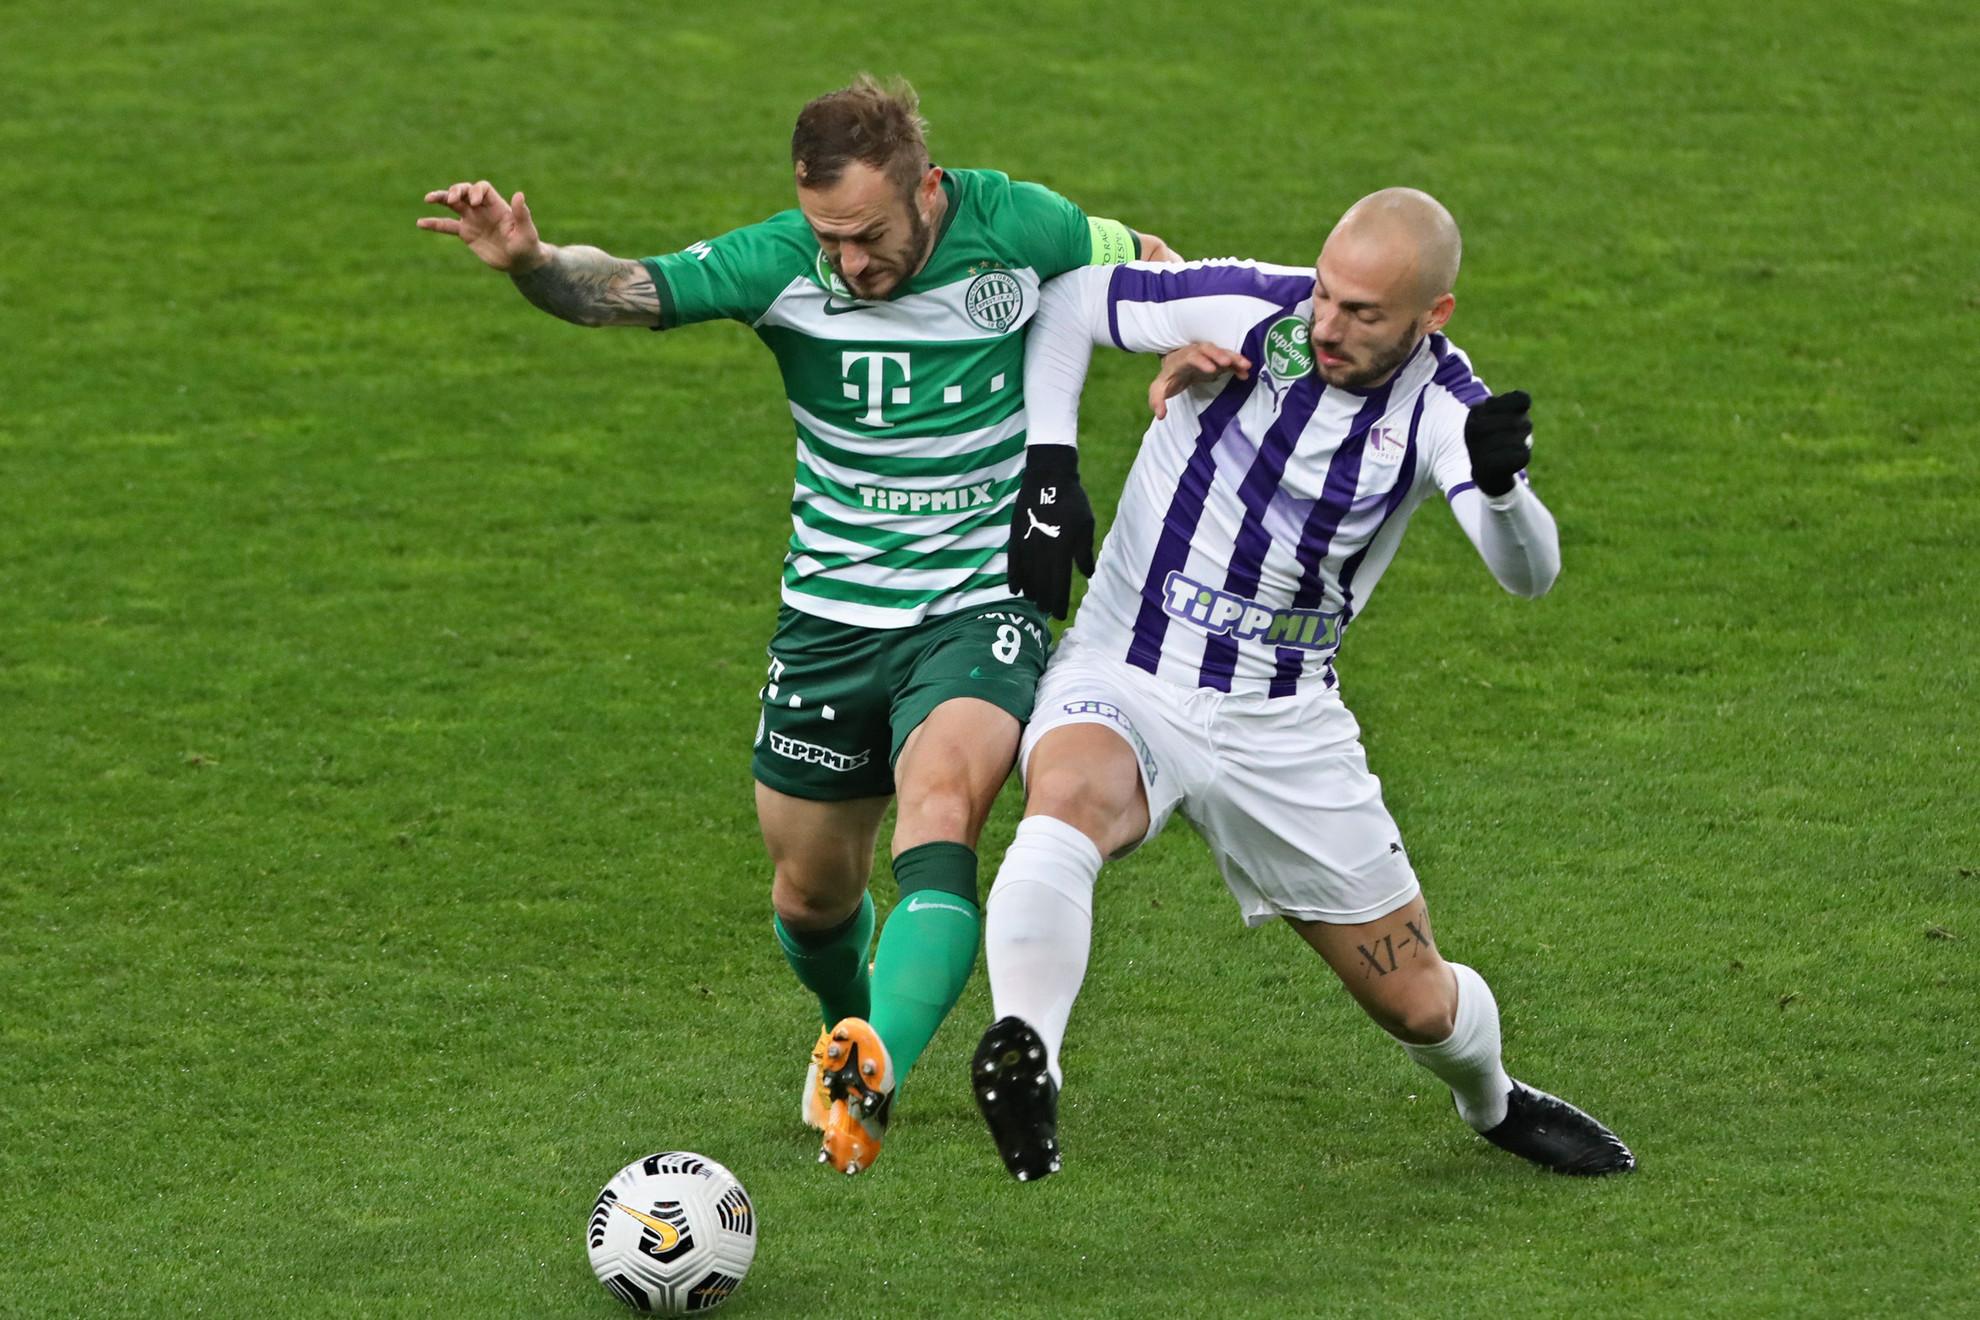 A ferencvárosi Lovrencsics (balra) és az Újpesti Croizet harca a labdáért